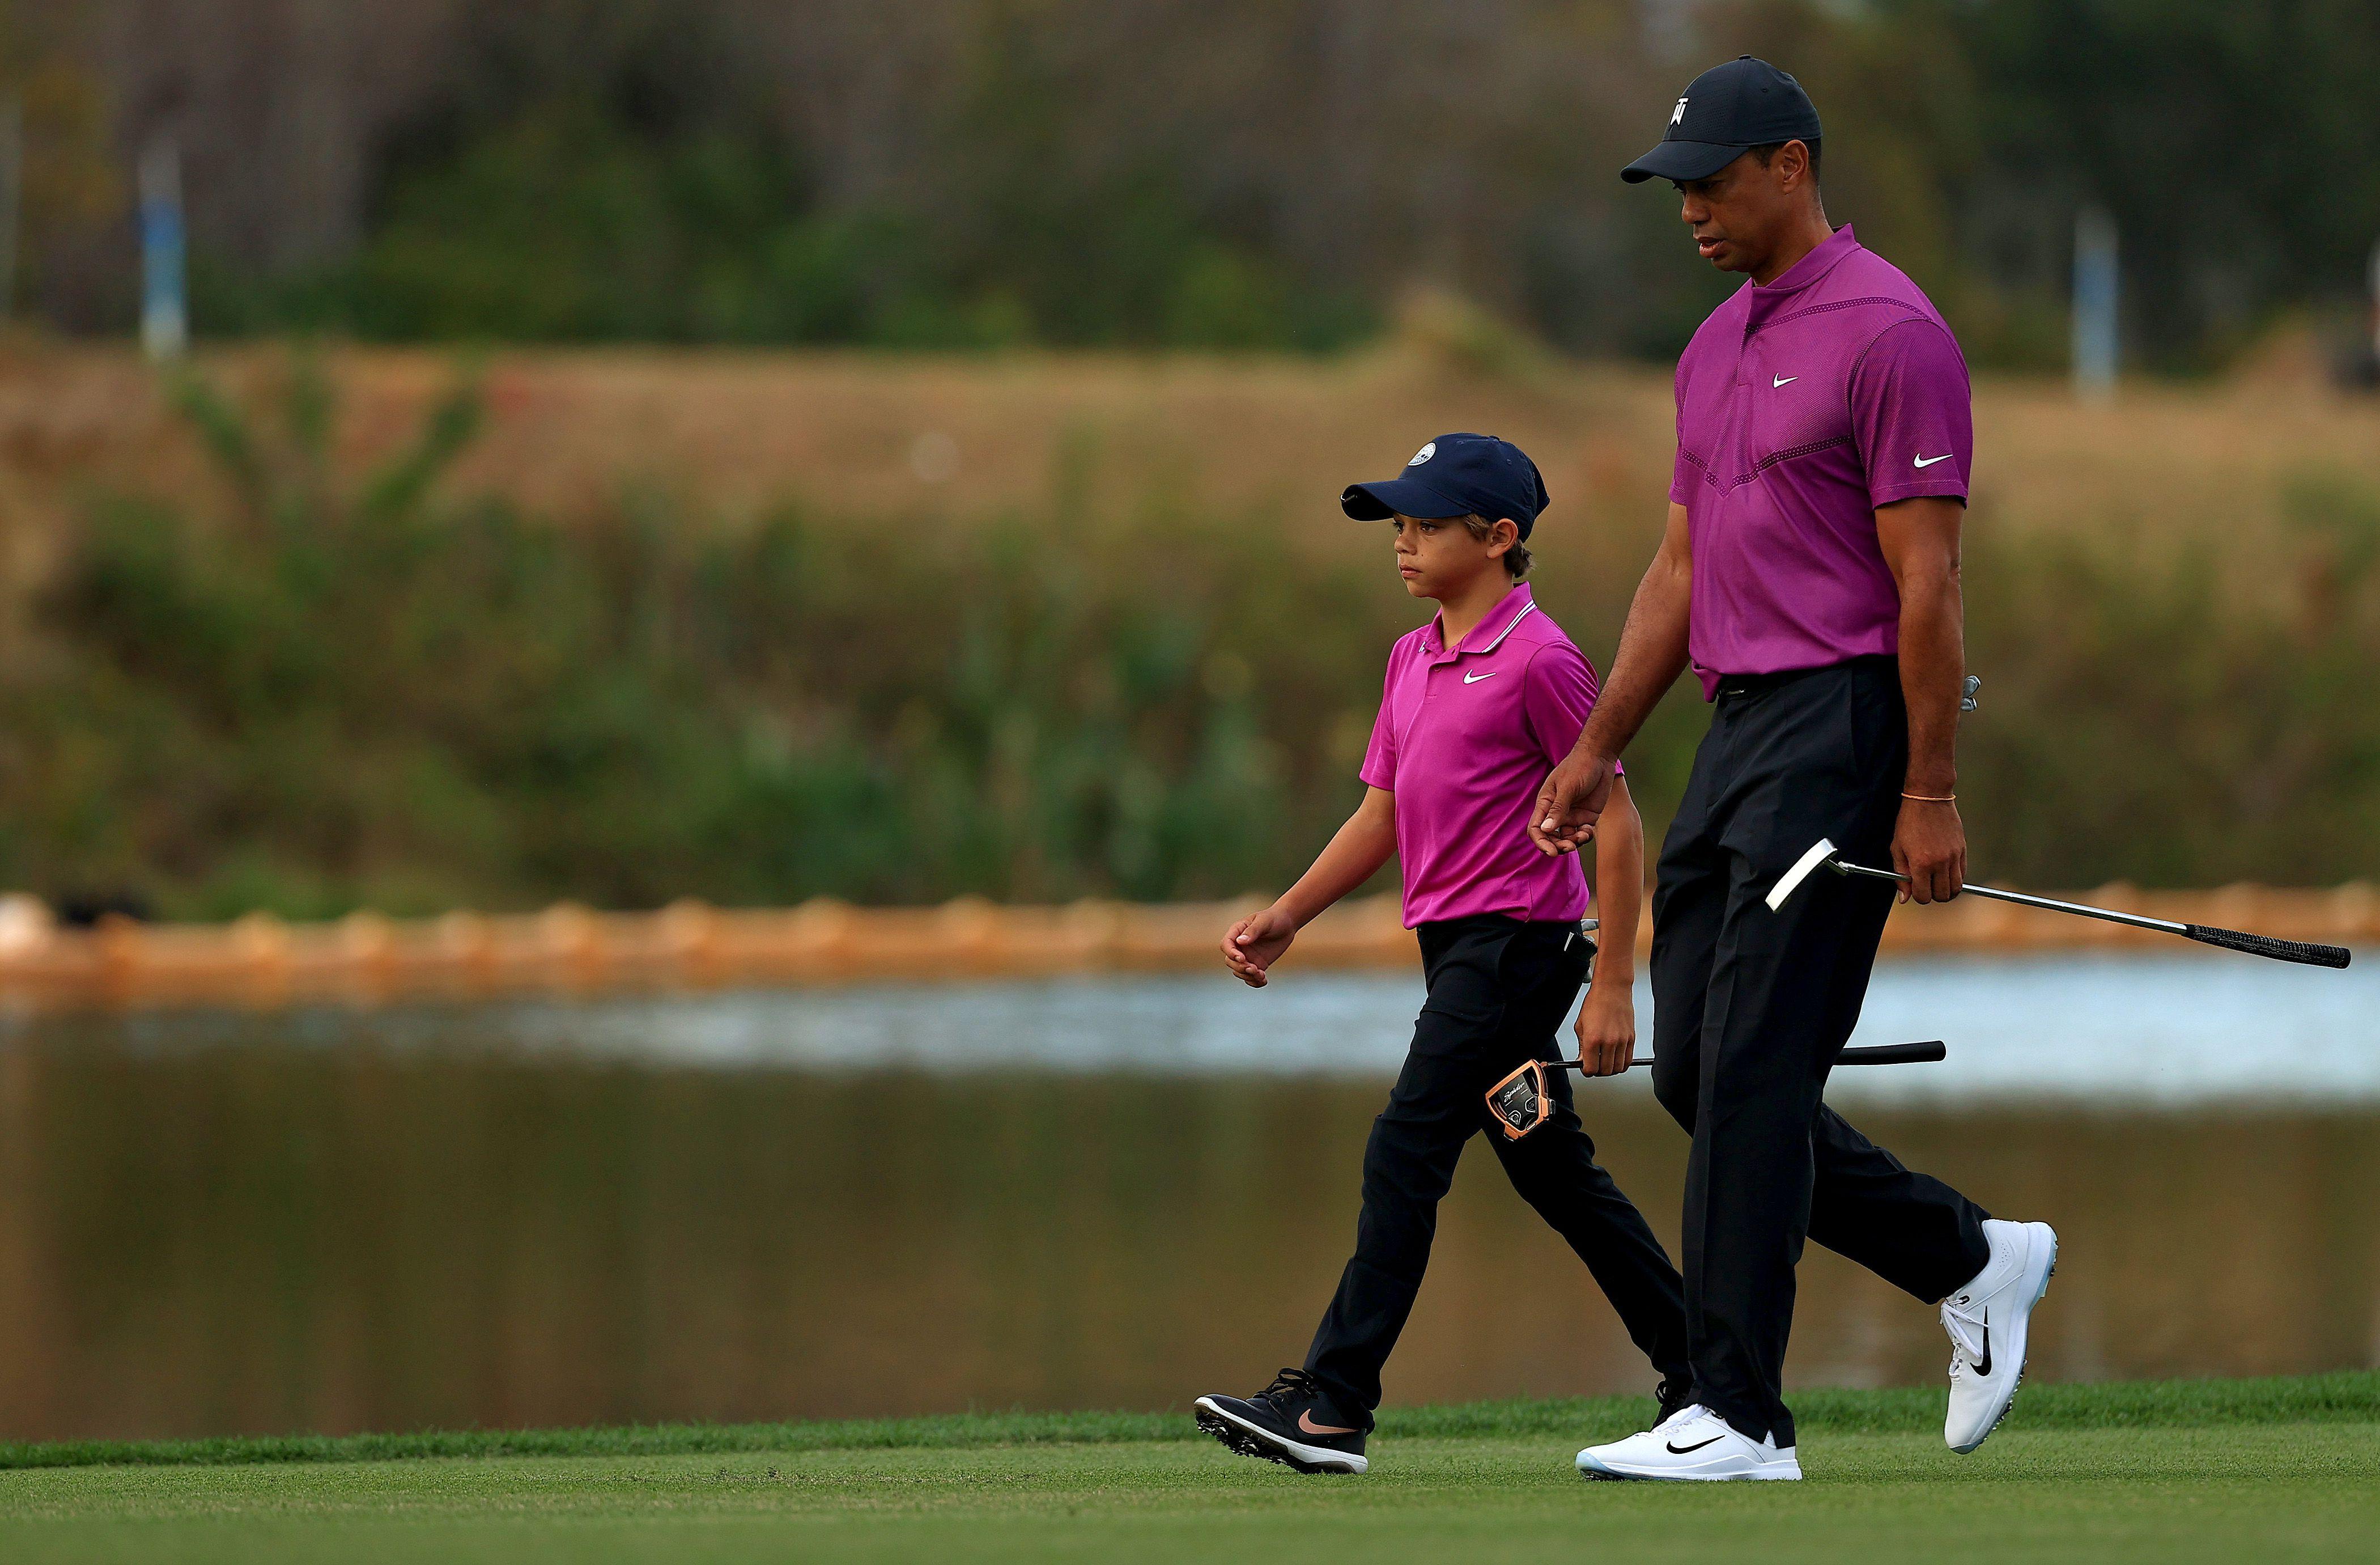 Hijo de Tiger Woods juega junto a su padre en un torneo familiar